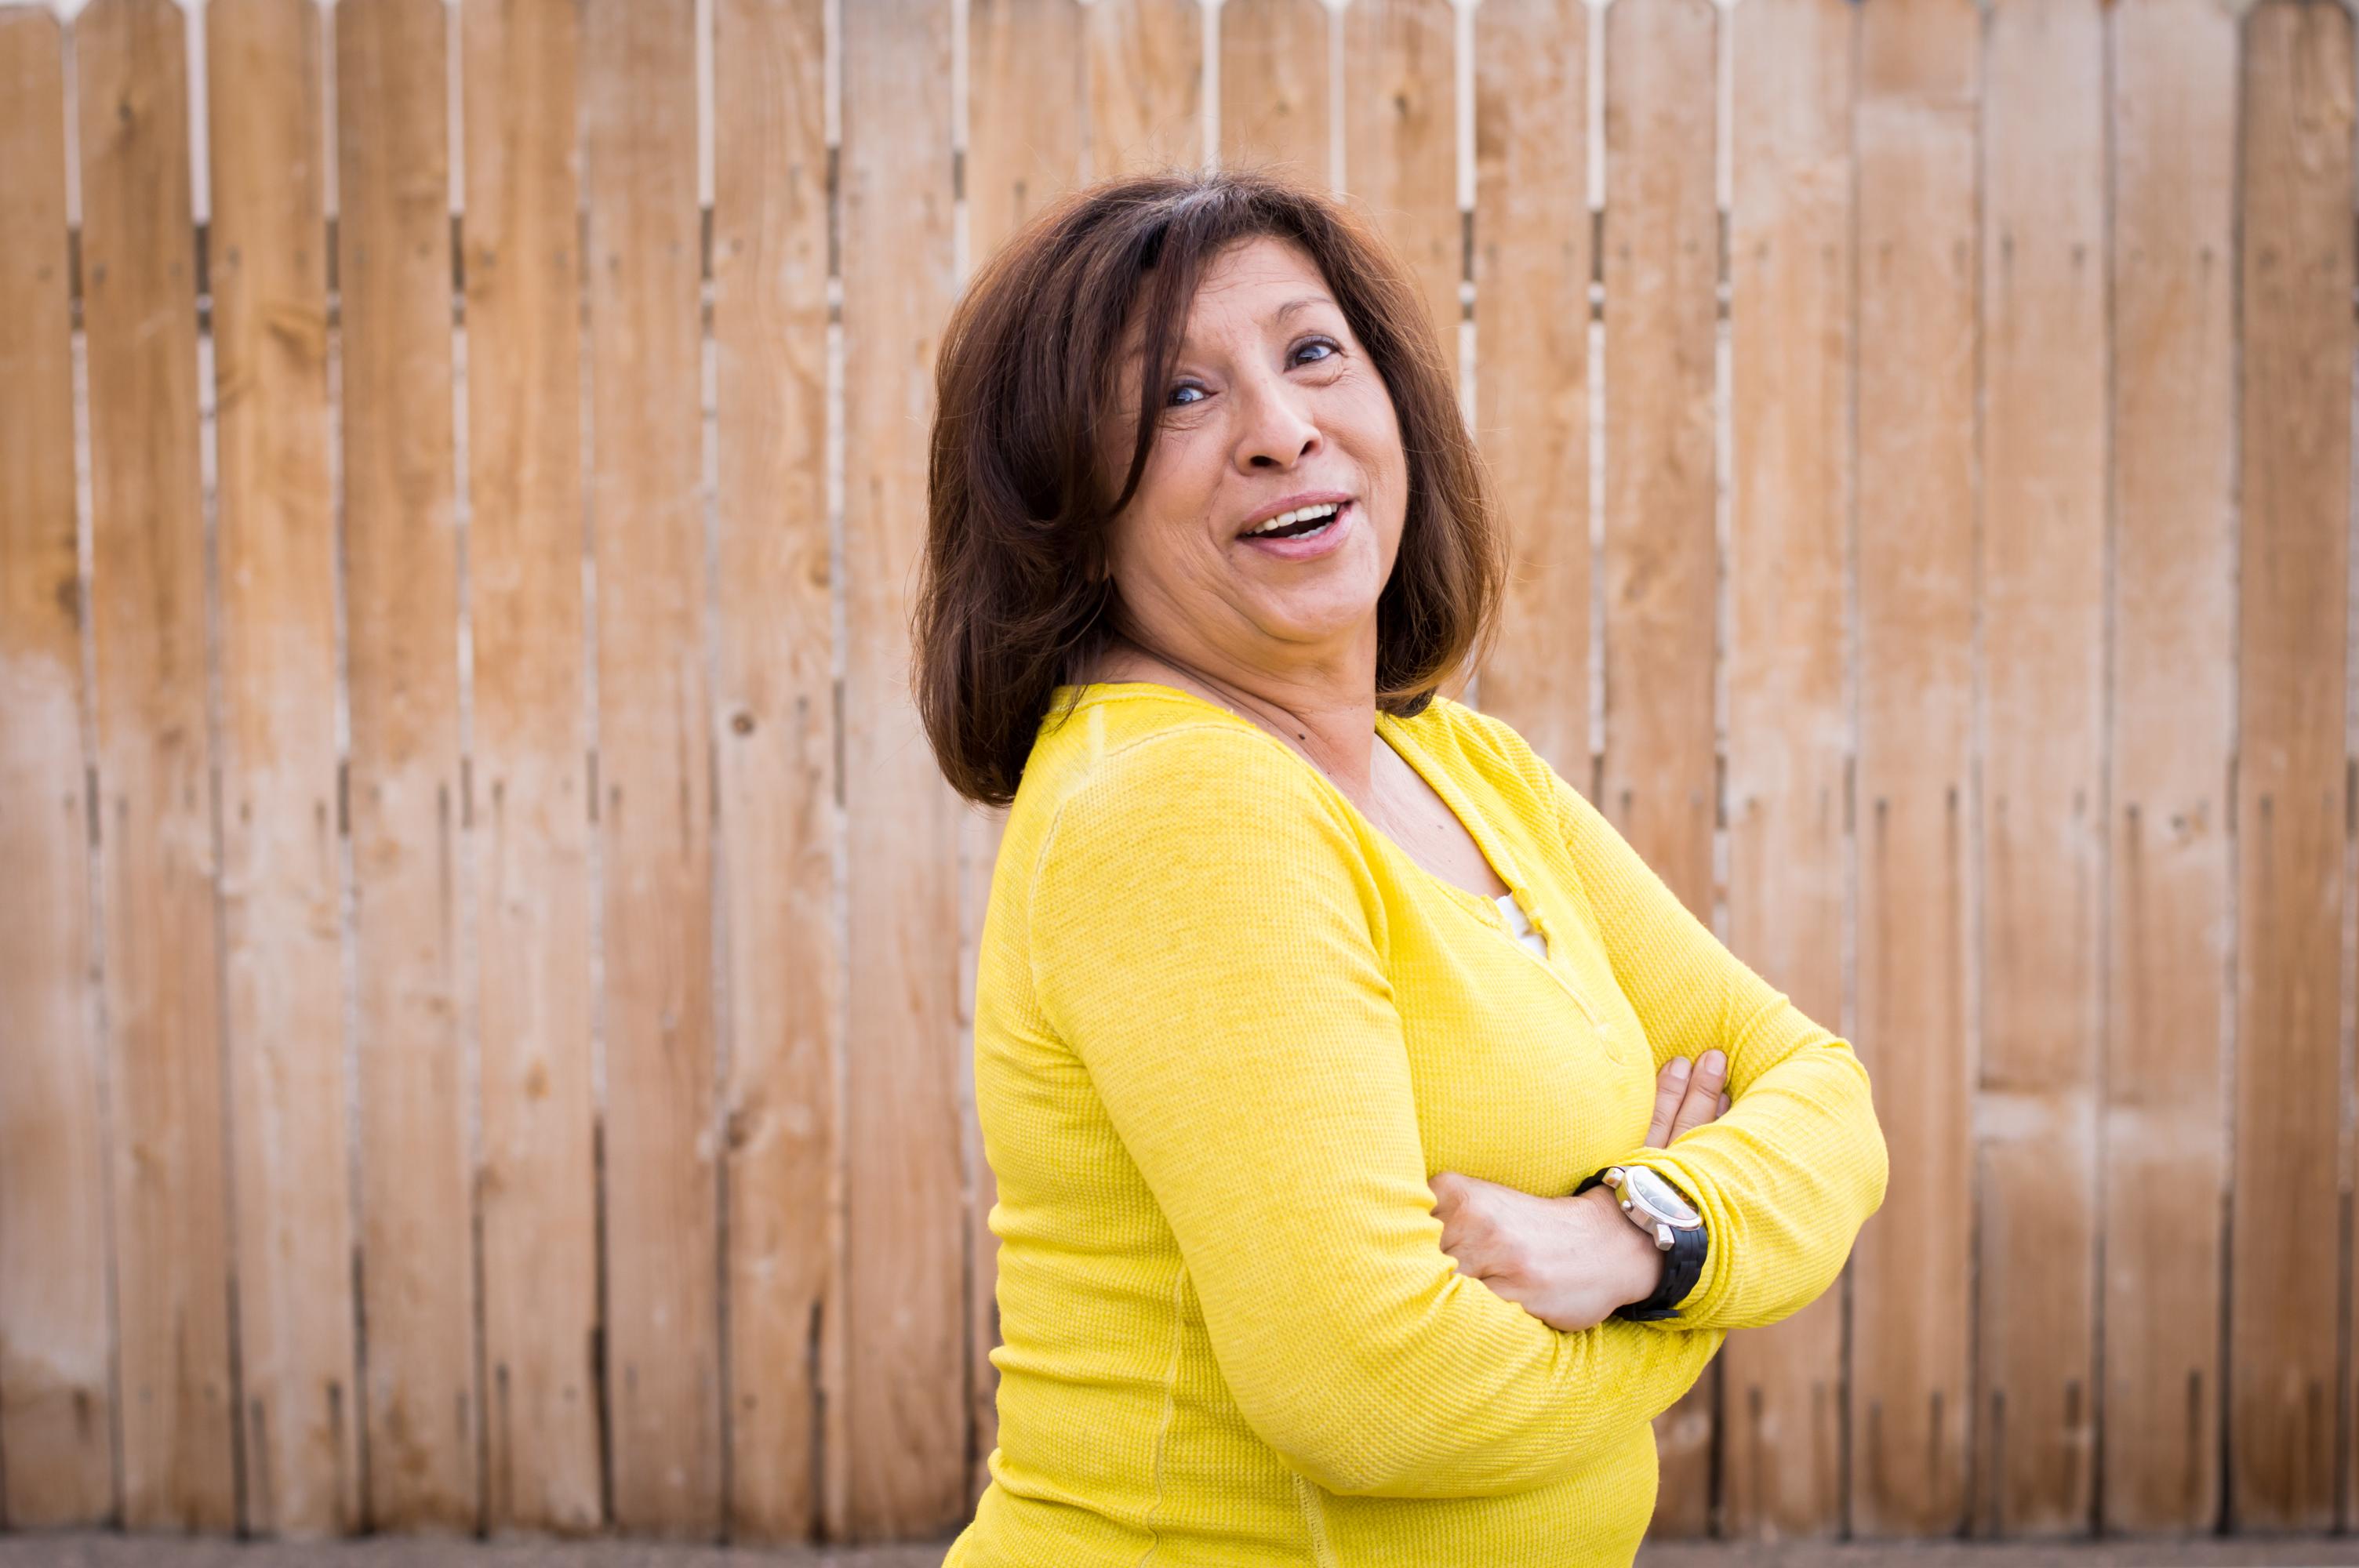 Ms Joann